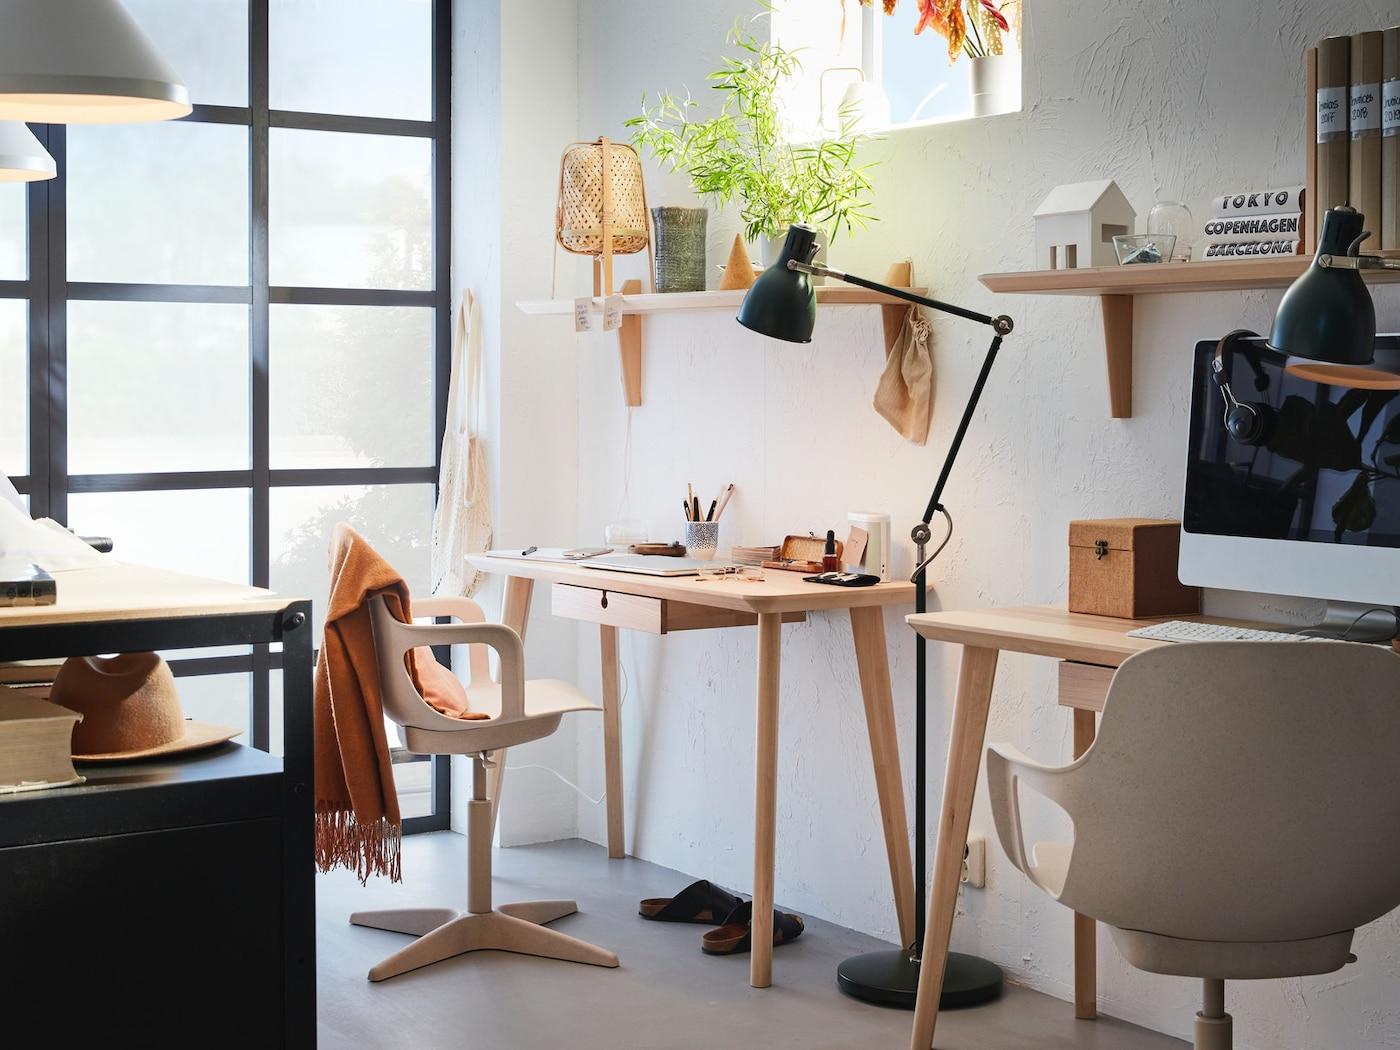 Místnost uzpůsobená pro práci z domu. Stoly připevněné ke zdi, se stolními lampami, poličkami a květinou.